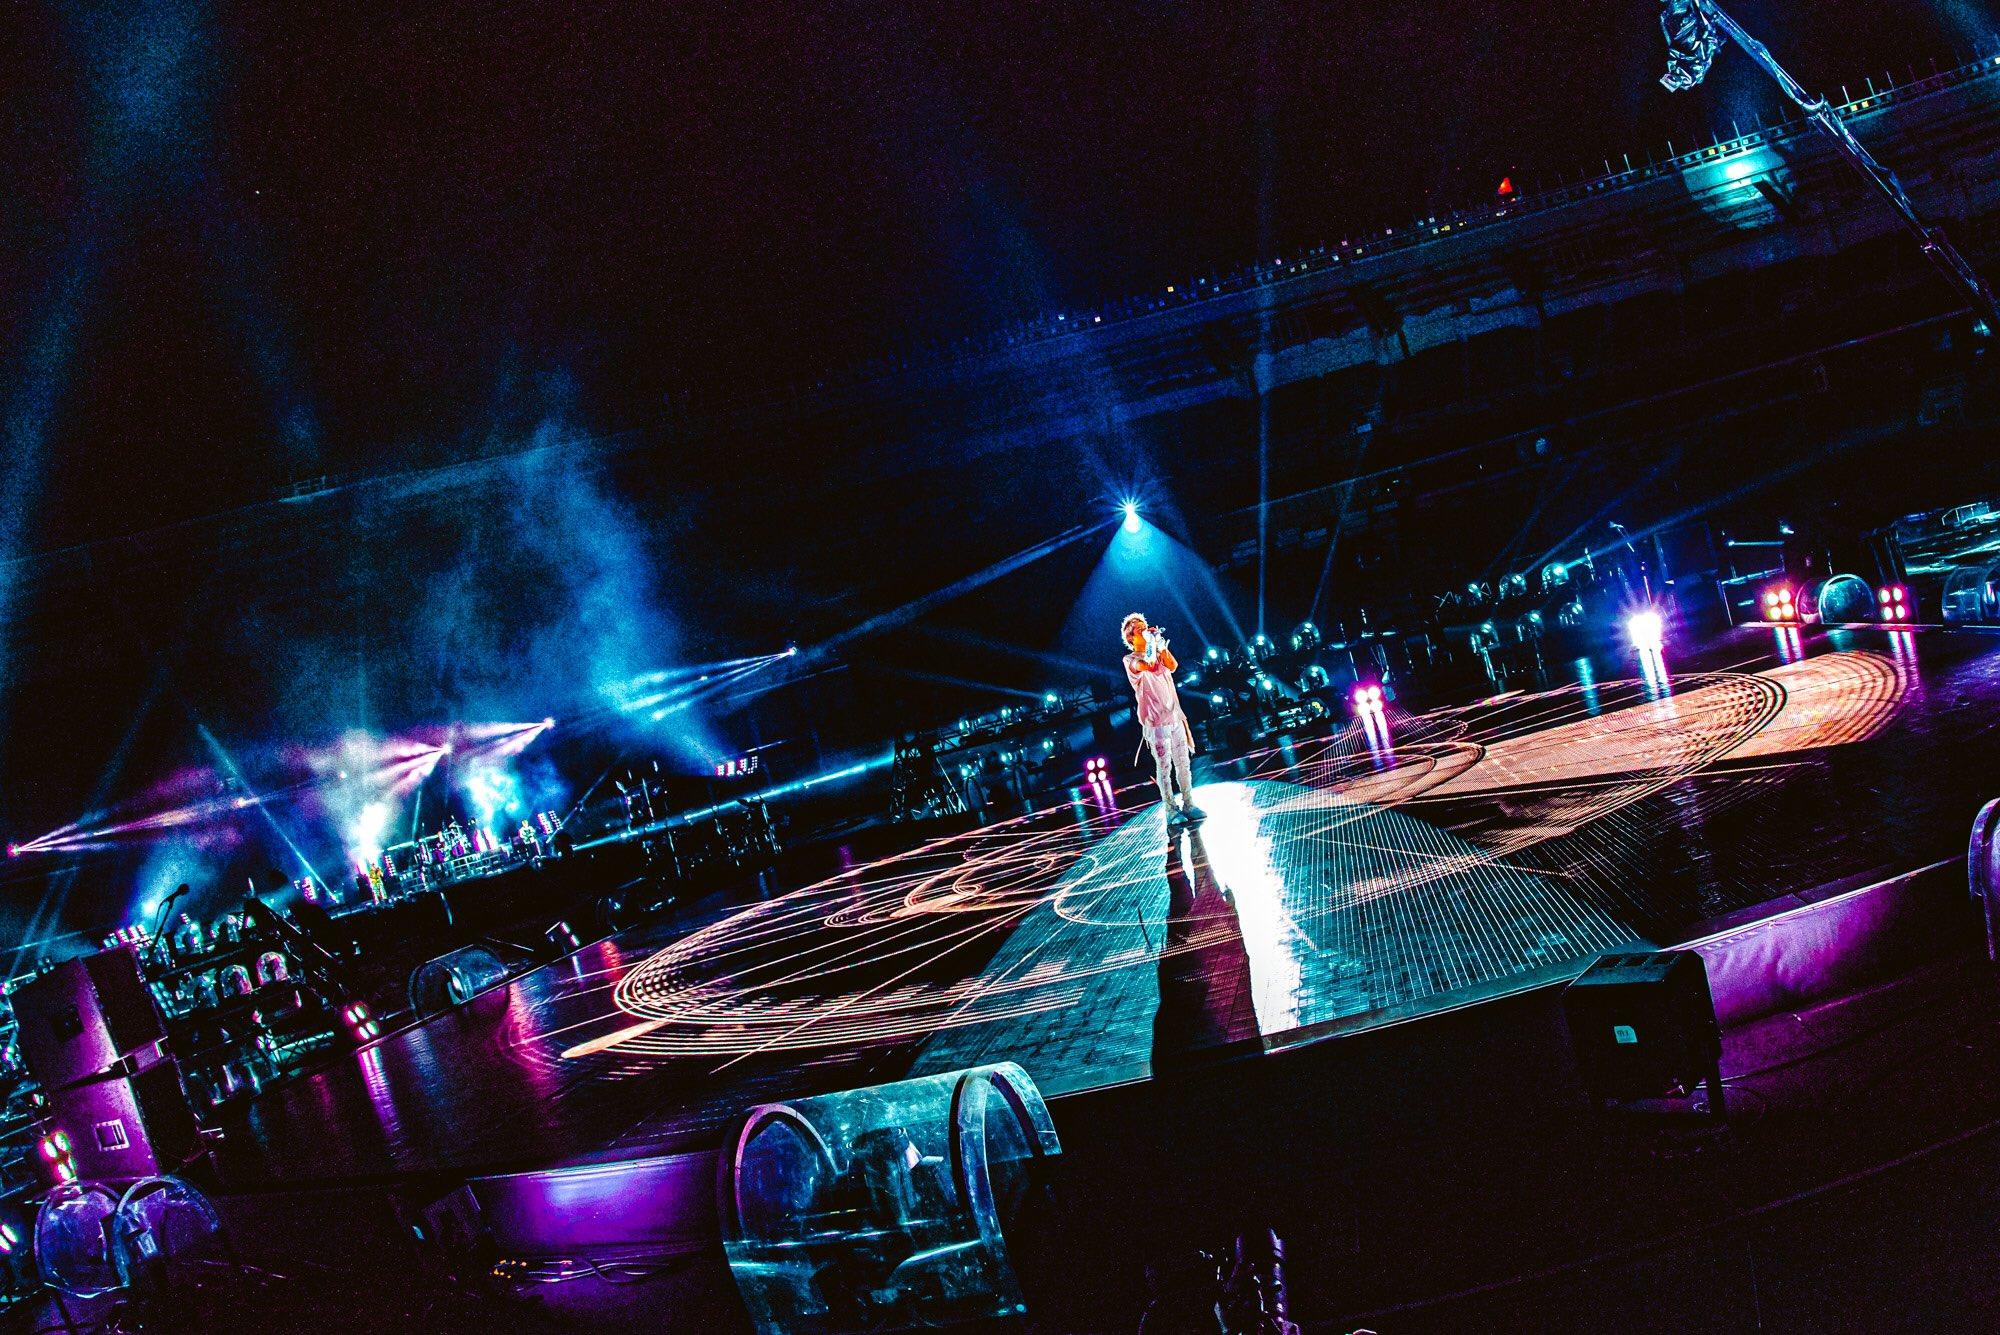 ワンオク セトリ オンラインライブ「FIELD OF WONDER」2020 【ONE OK ROCK】ファンブログ